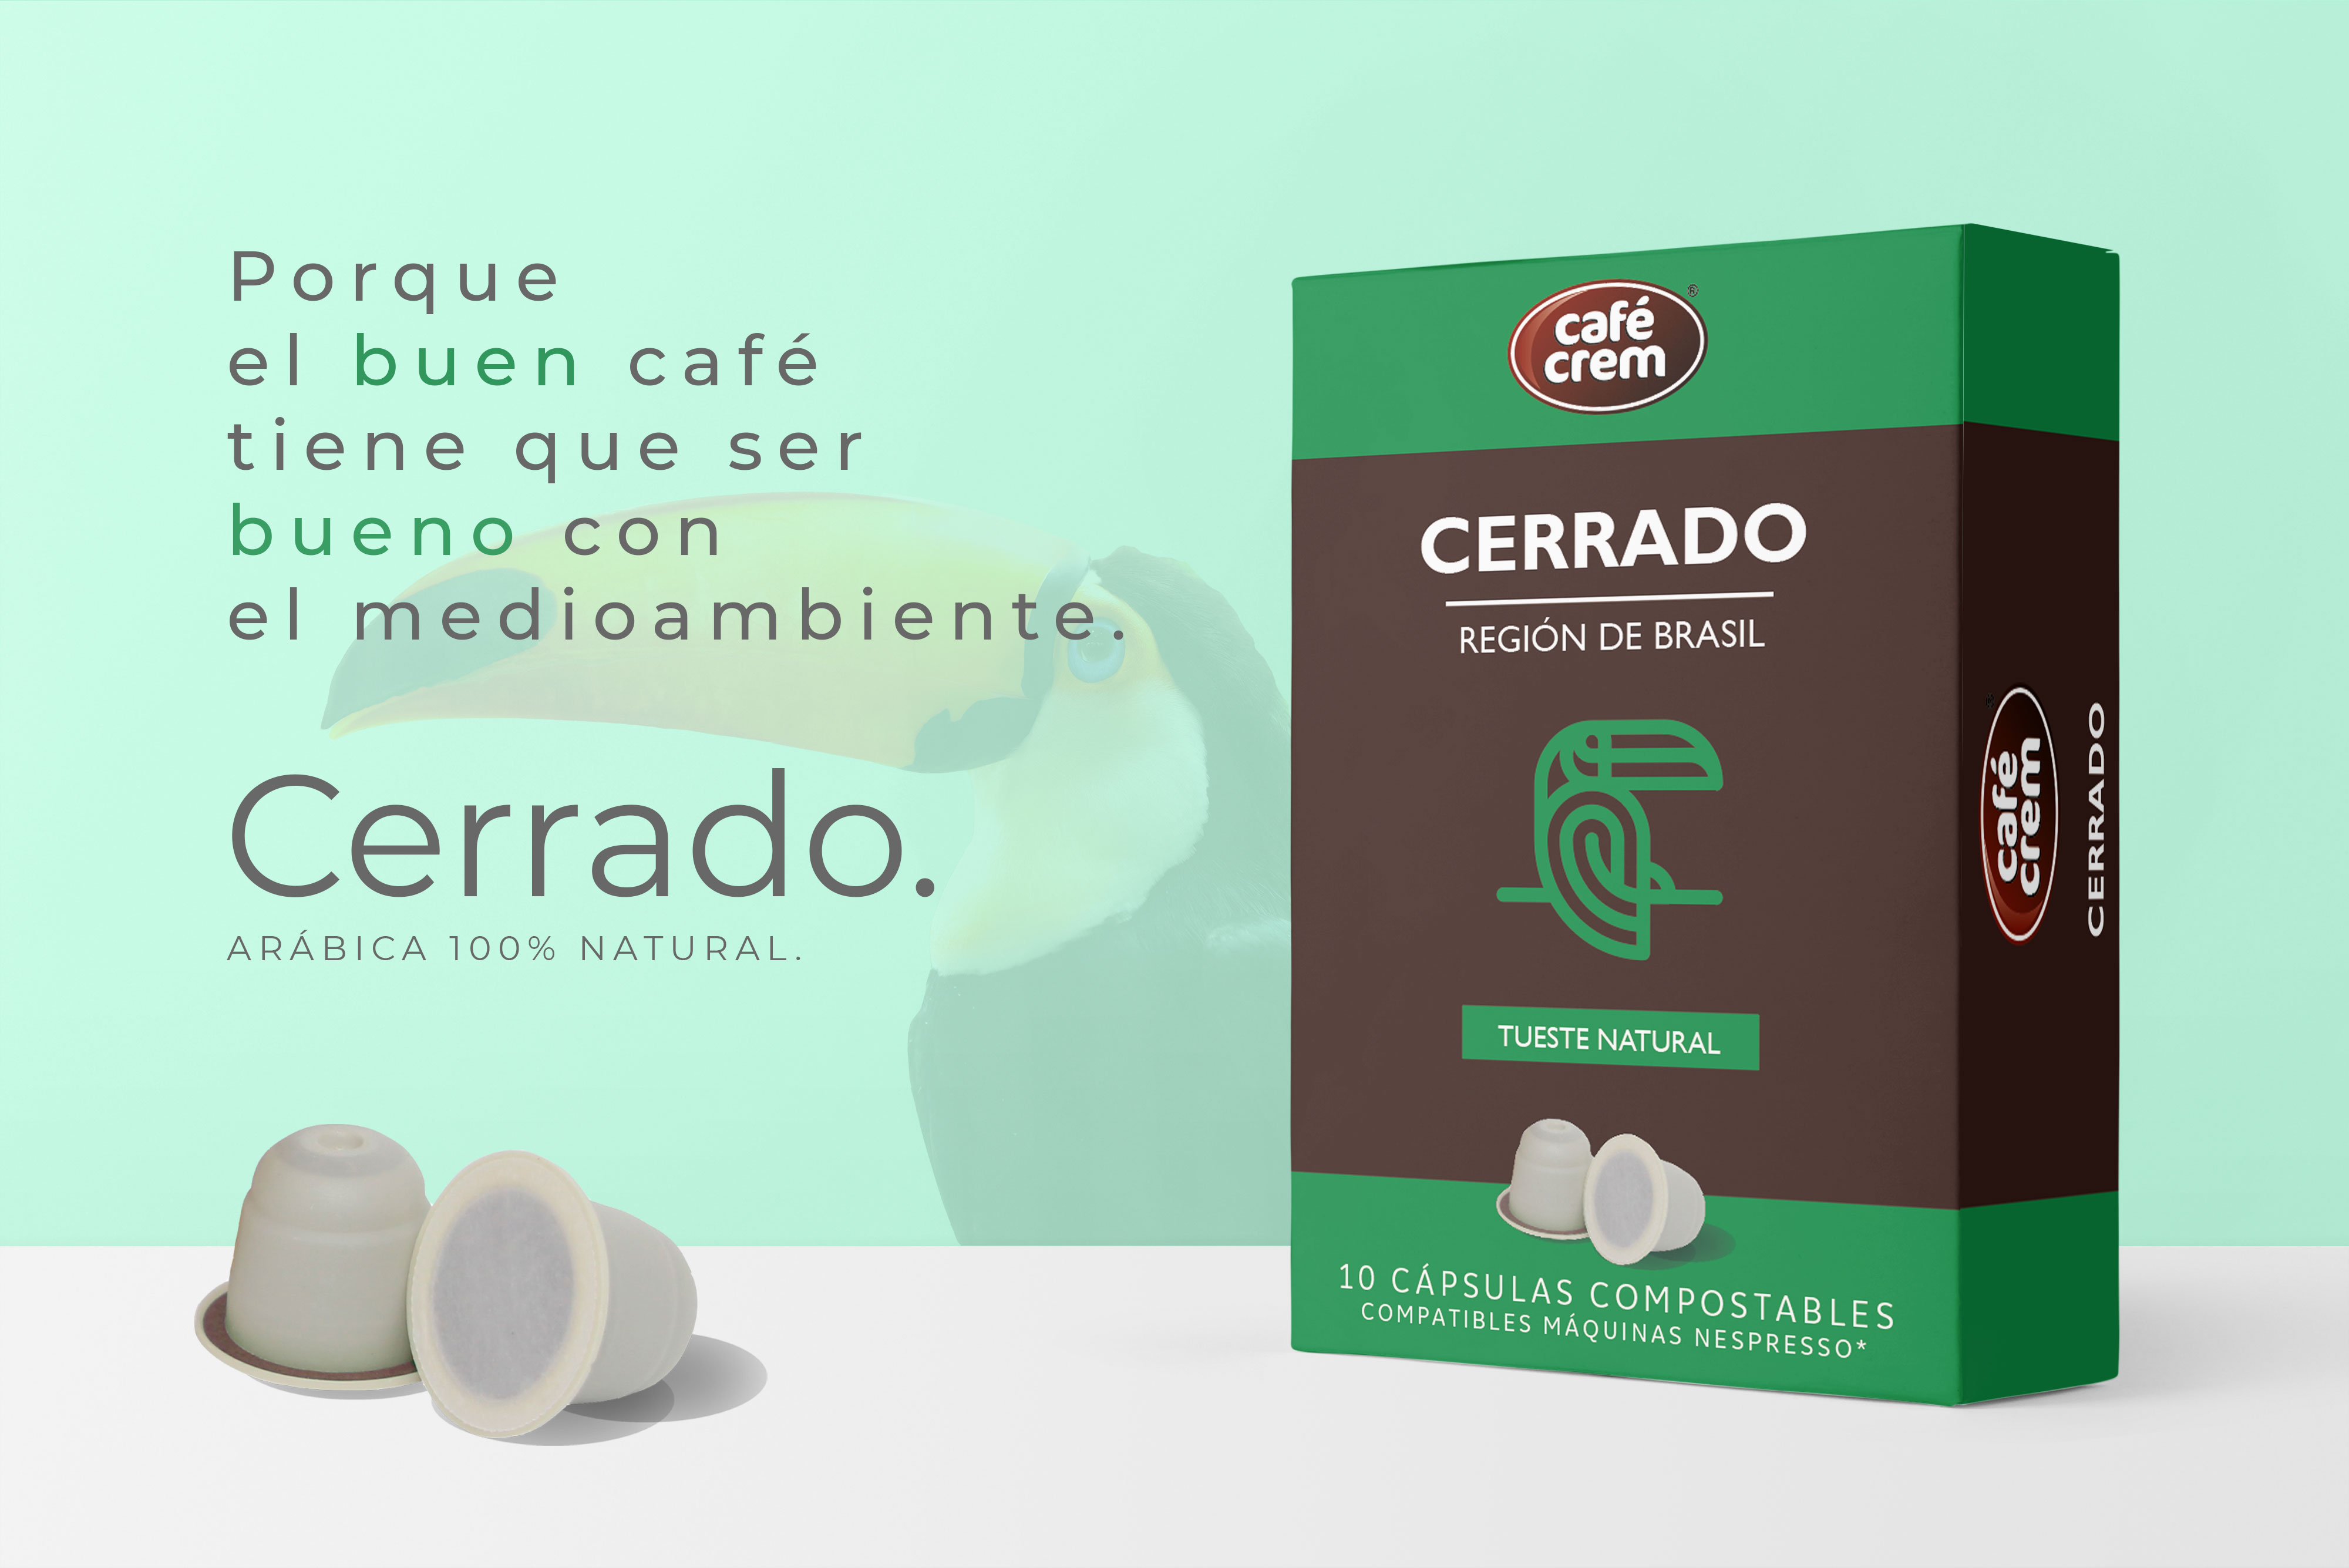 capsulas compostables